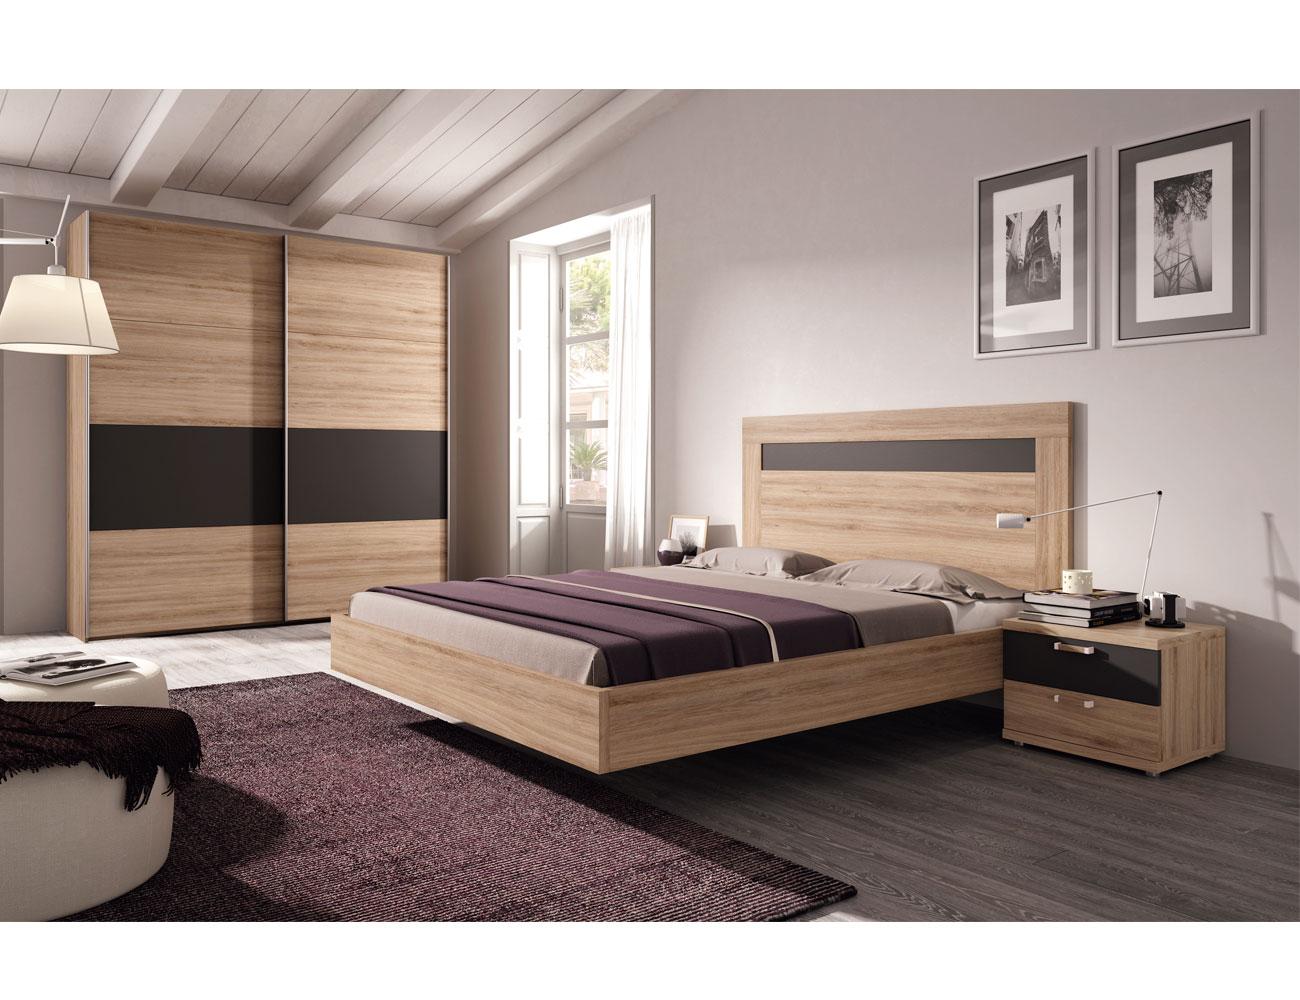 462 dormitorio matrimonio  roble antracita armario2